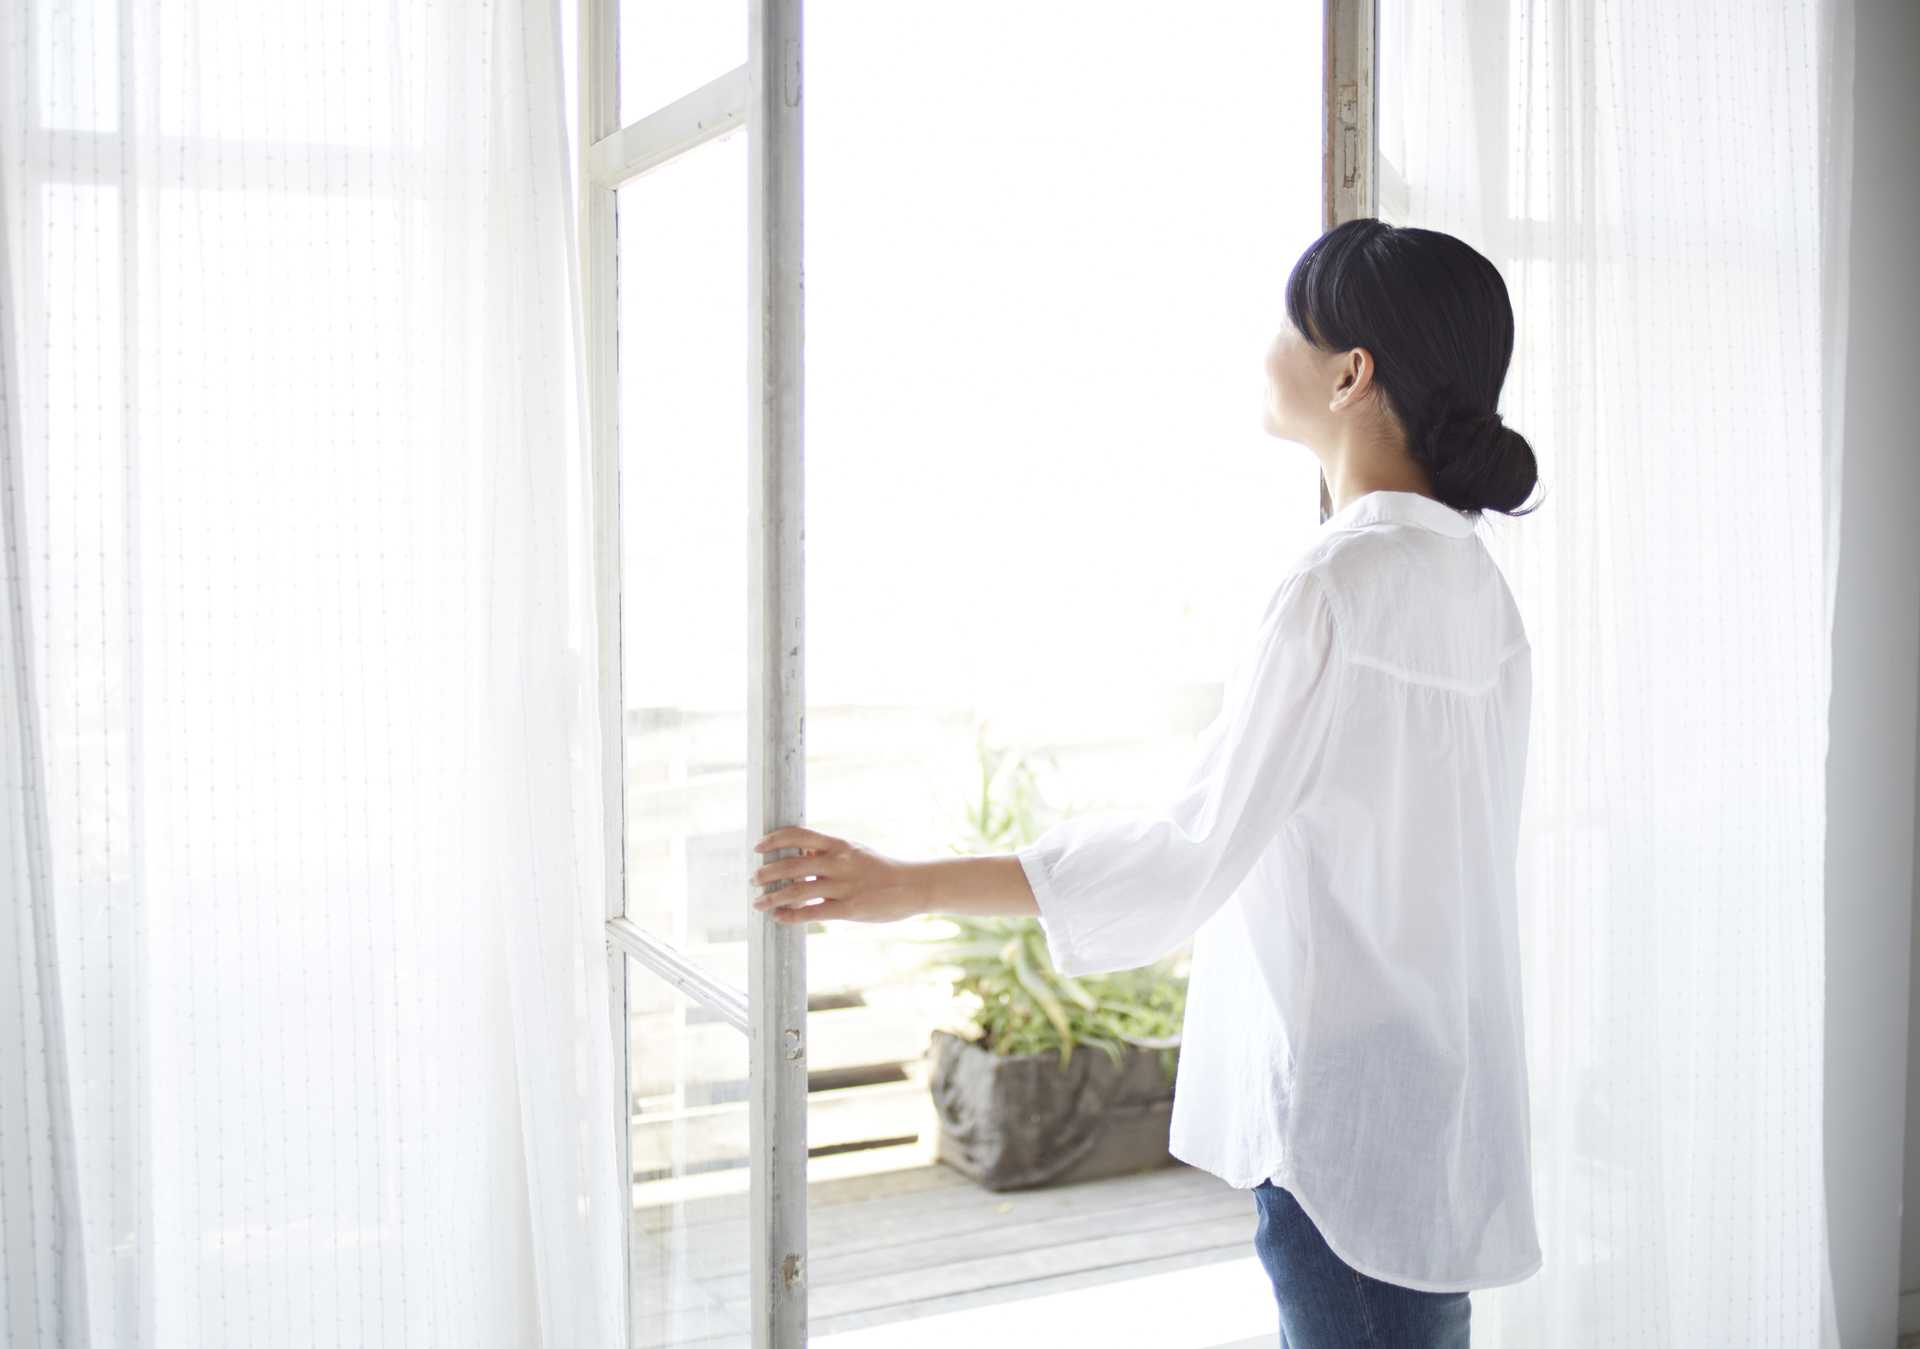 起きたらすぐ、窓を開けよう。気持ちのいい朝は、新鮮な酸素が必要。 | 早寝早起きの生活で人生を変える30の方法